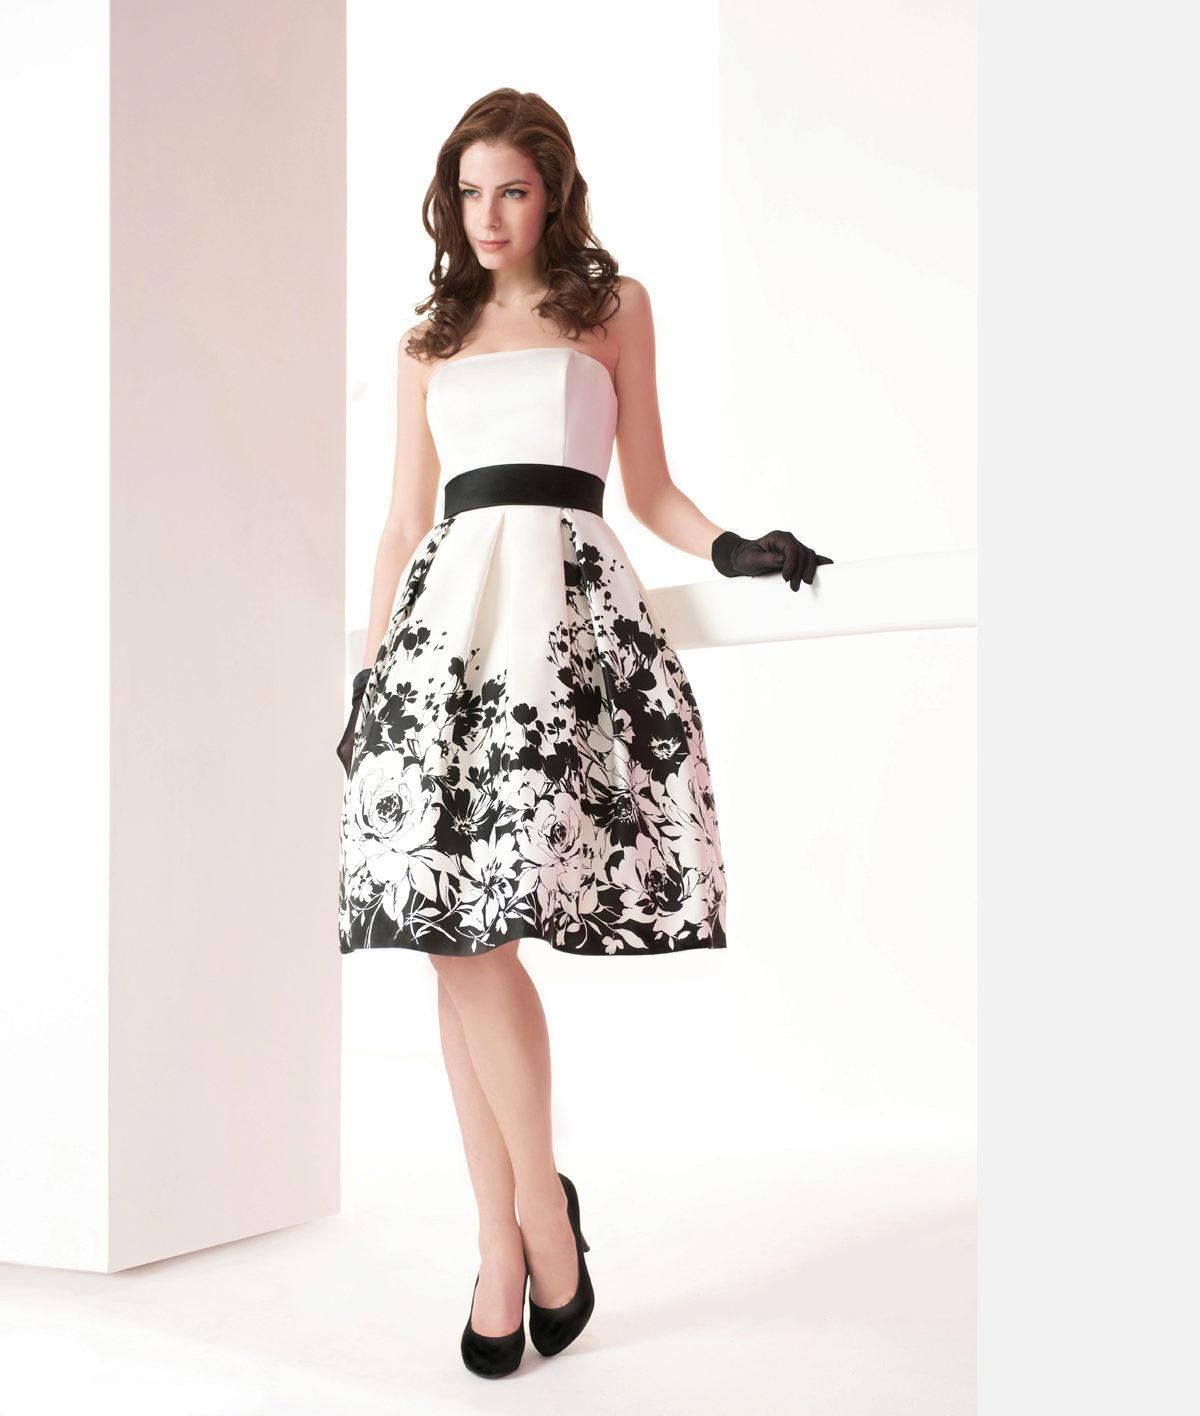 7dce76f1dd8 Вечерние платья 50 размера  какие особенности учесть при выборе  32 фото